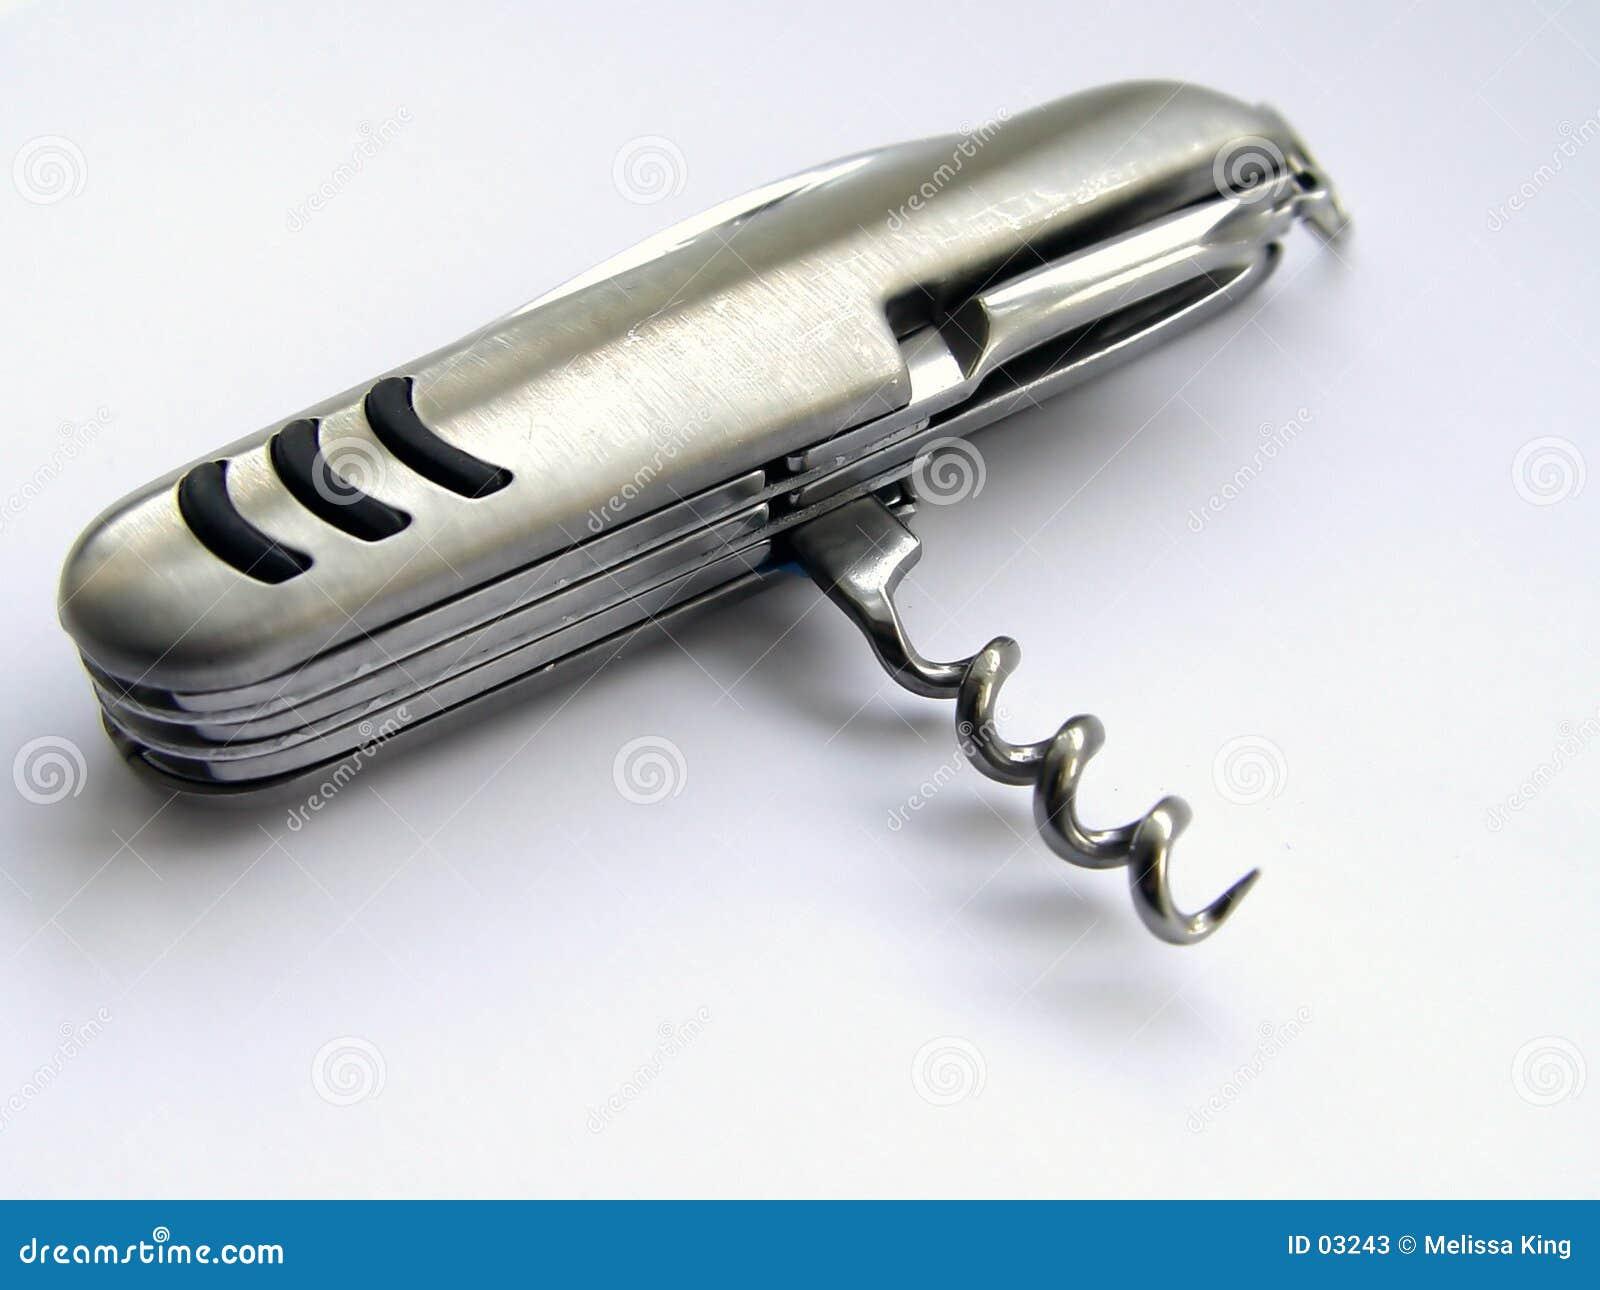 Vista lateral del cuchillo de bolsillo